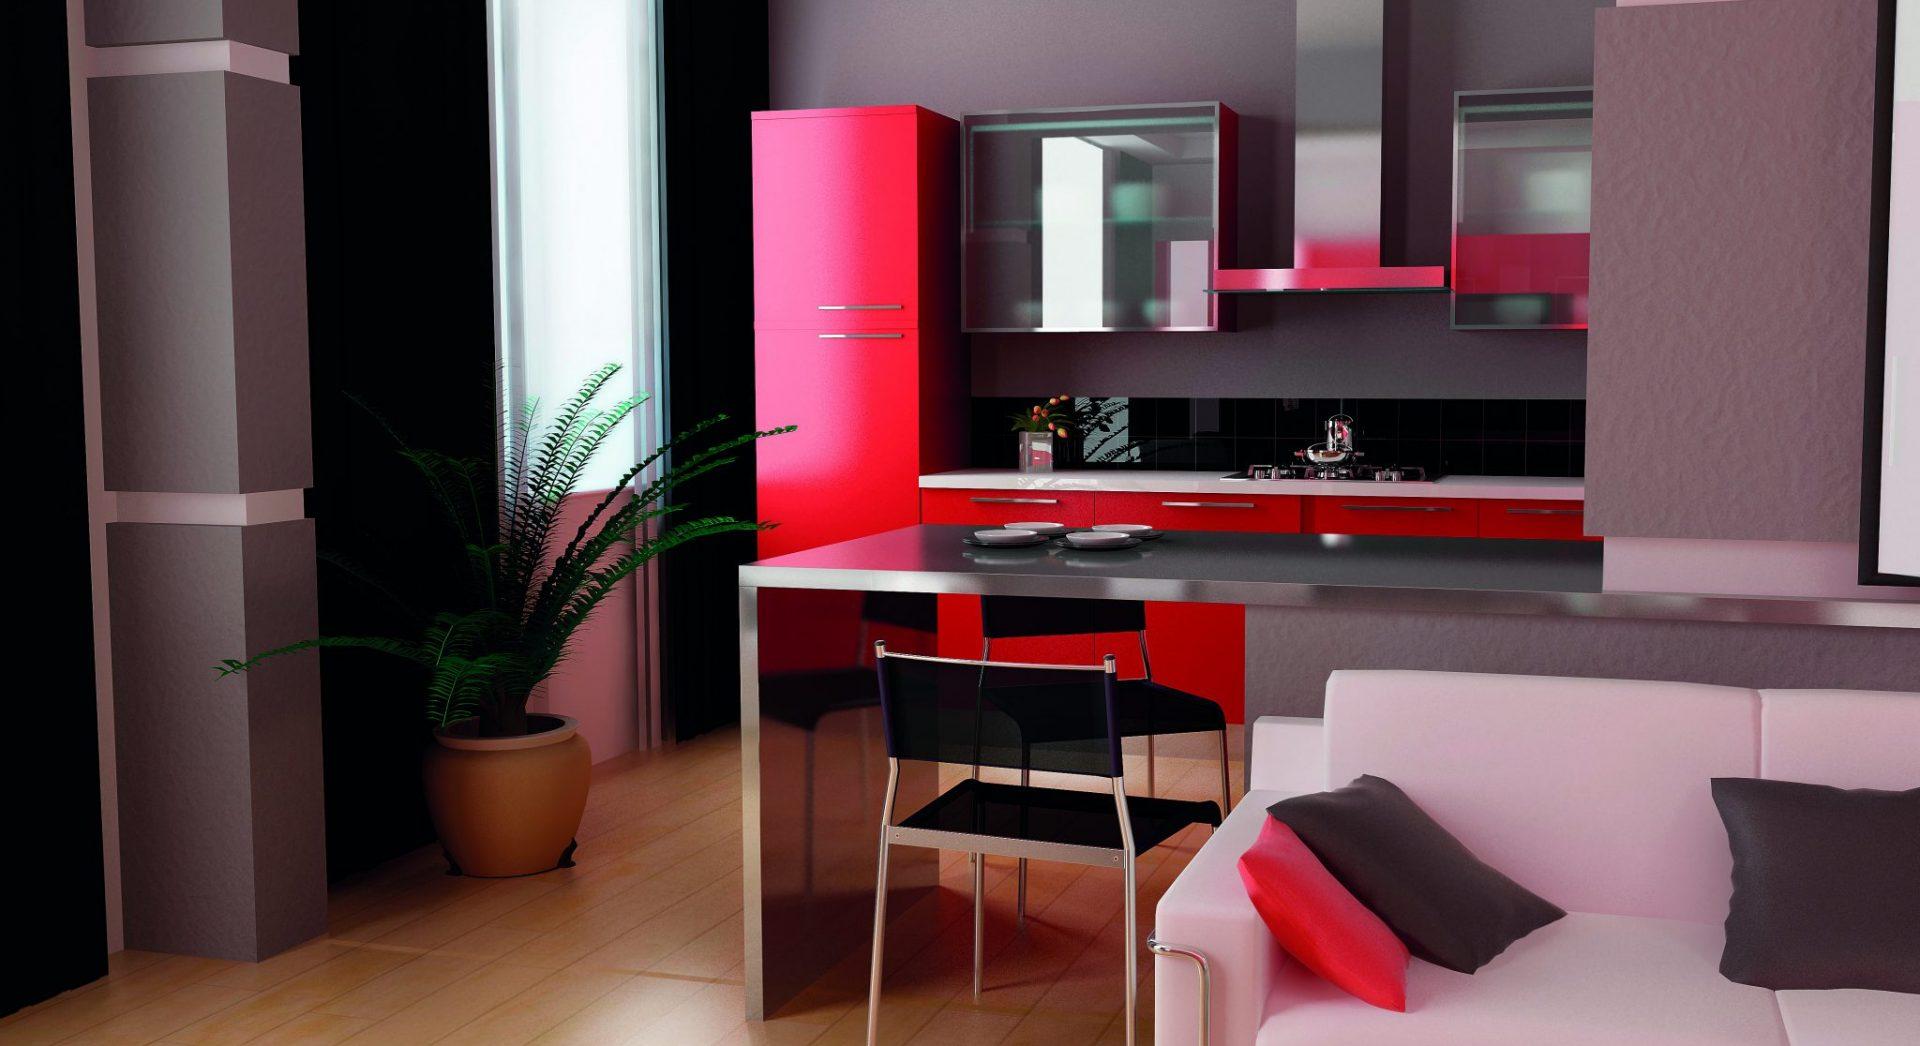 Bemet voor de interieur- en meubelbouw